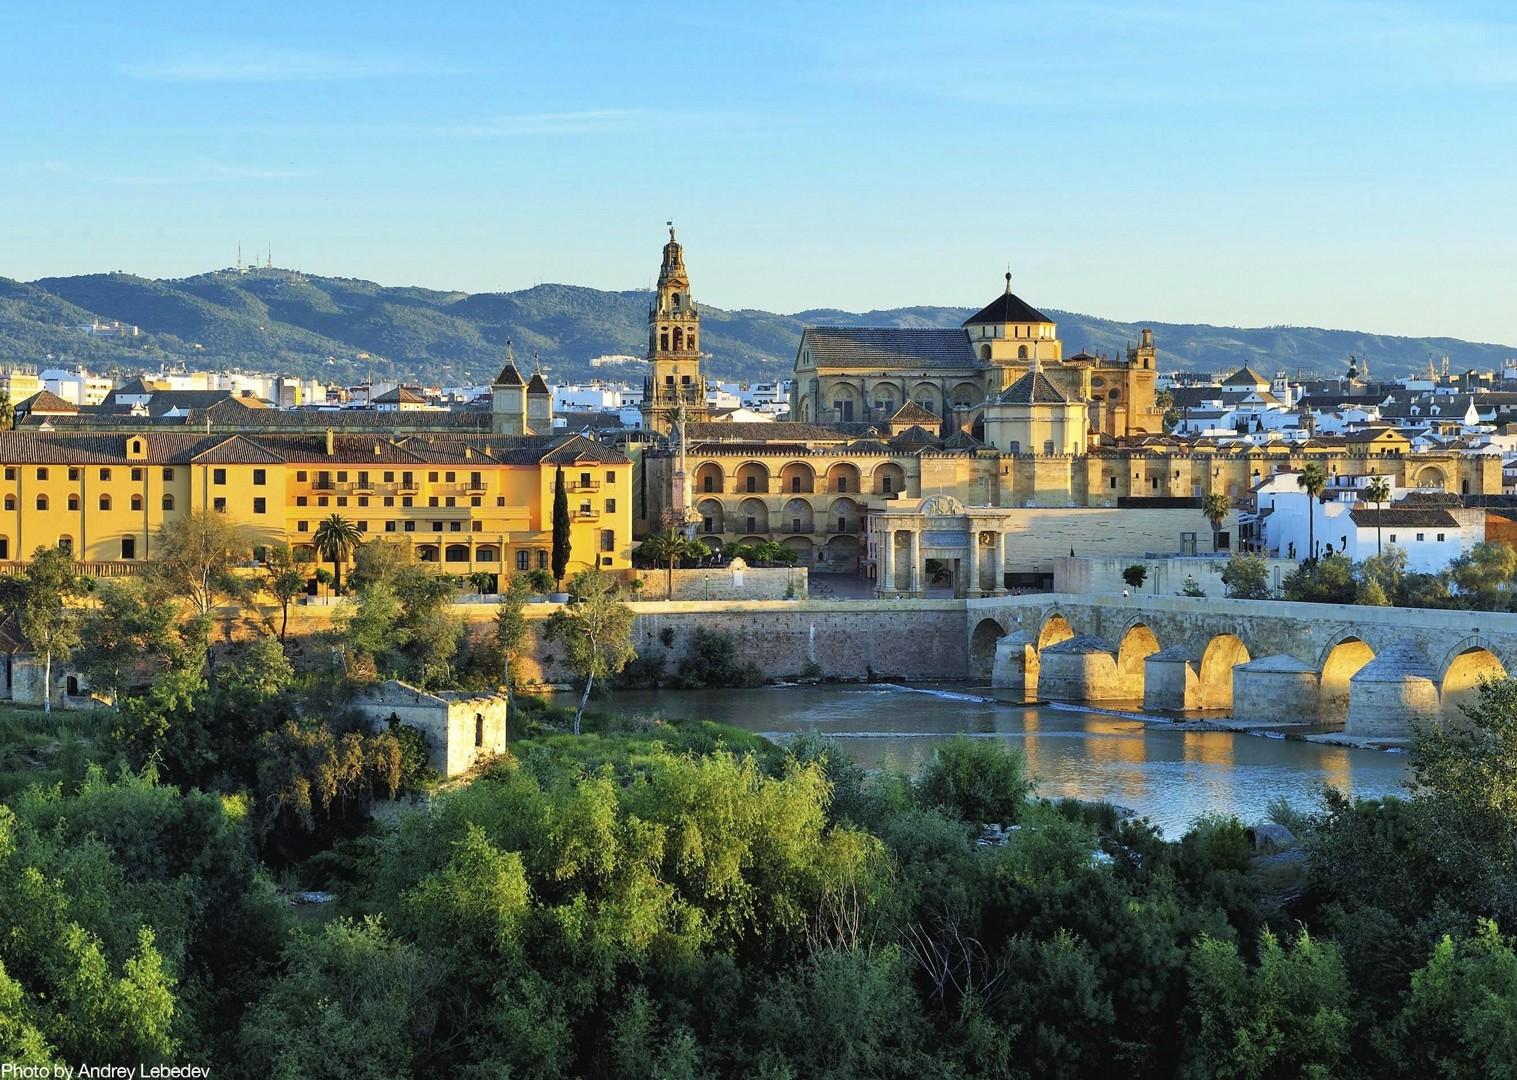 cordoba-granada-to-seville-guided-leisure-cycling-holiday-in-spain.jpg - Spain - Granada to Seville - Guided Leisure Cycling Holiday - Leisure Cycling